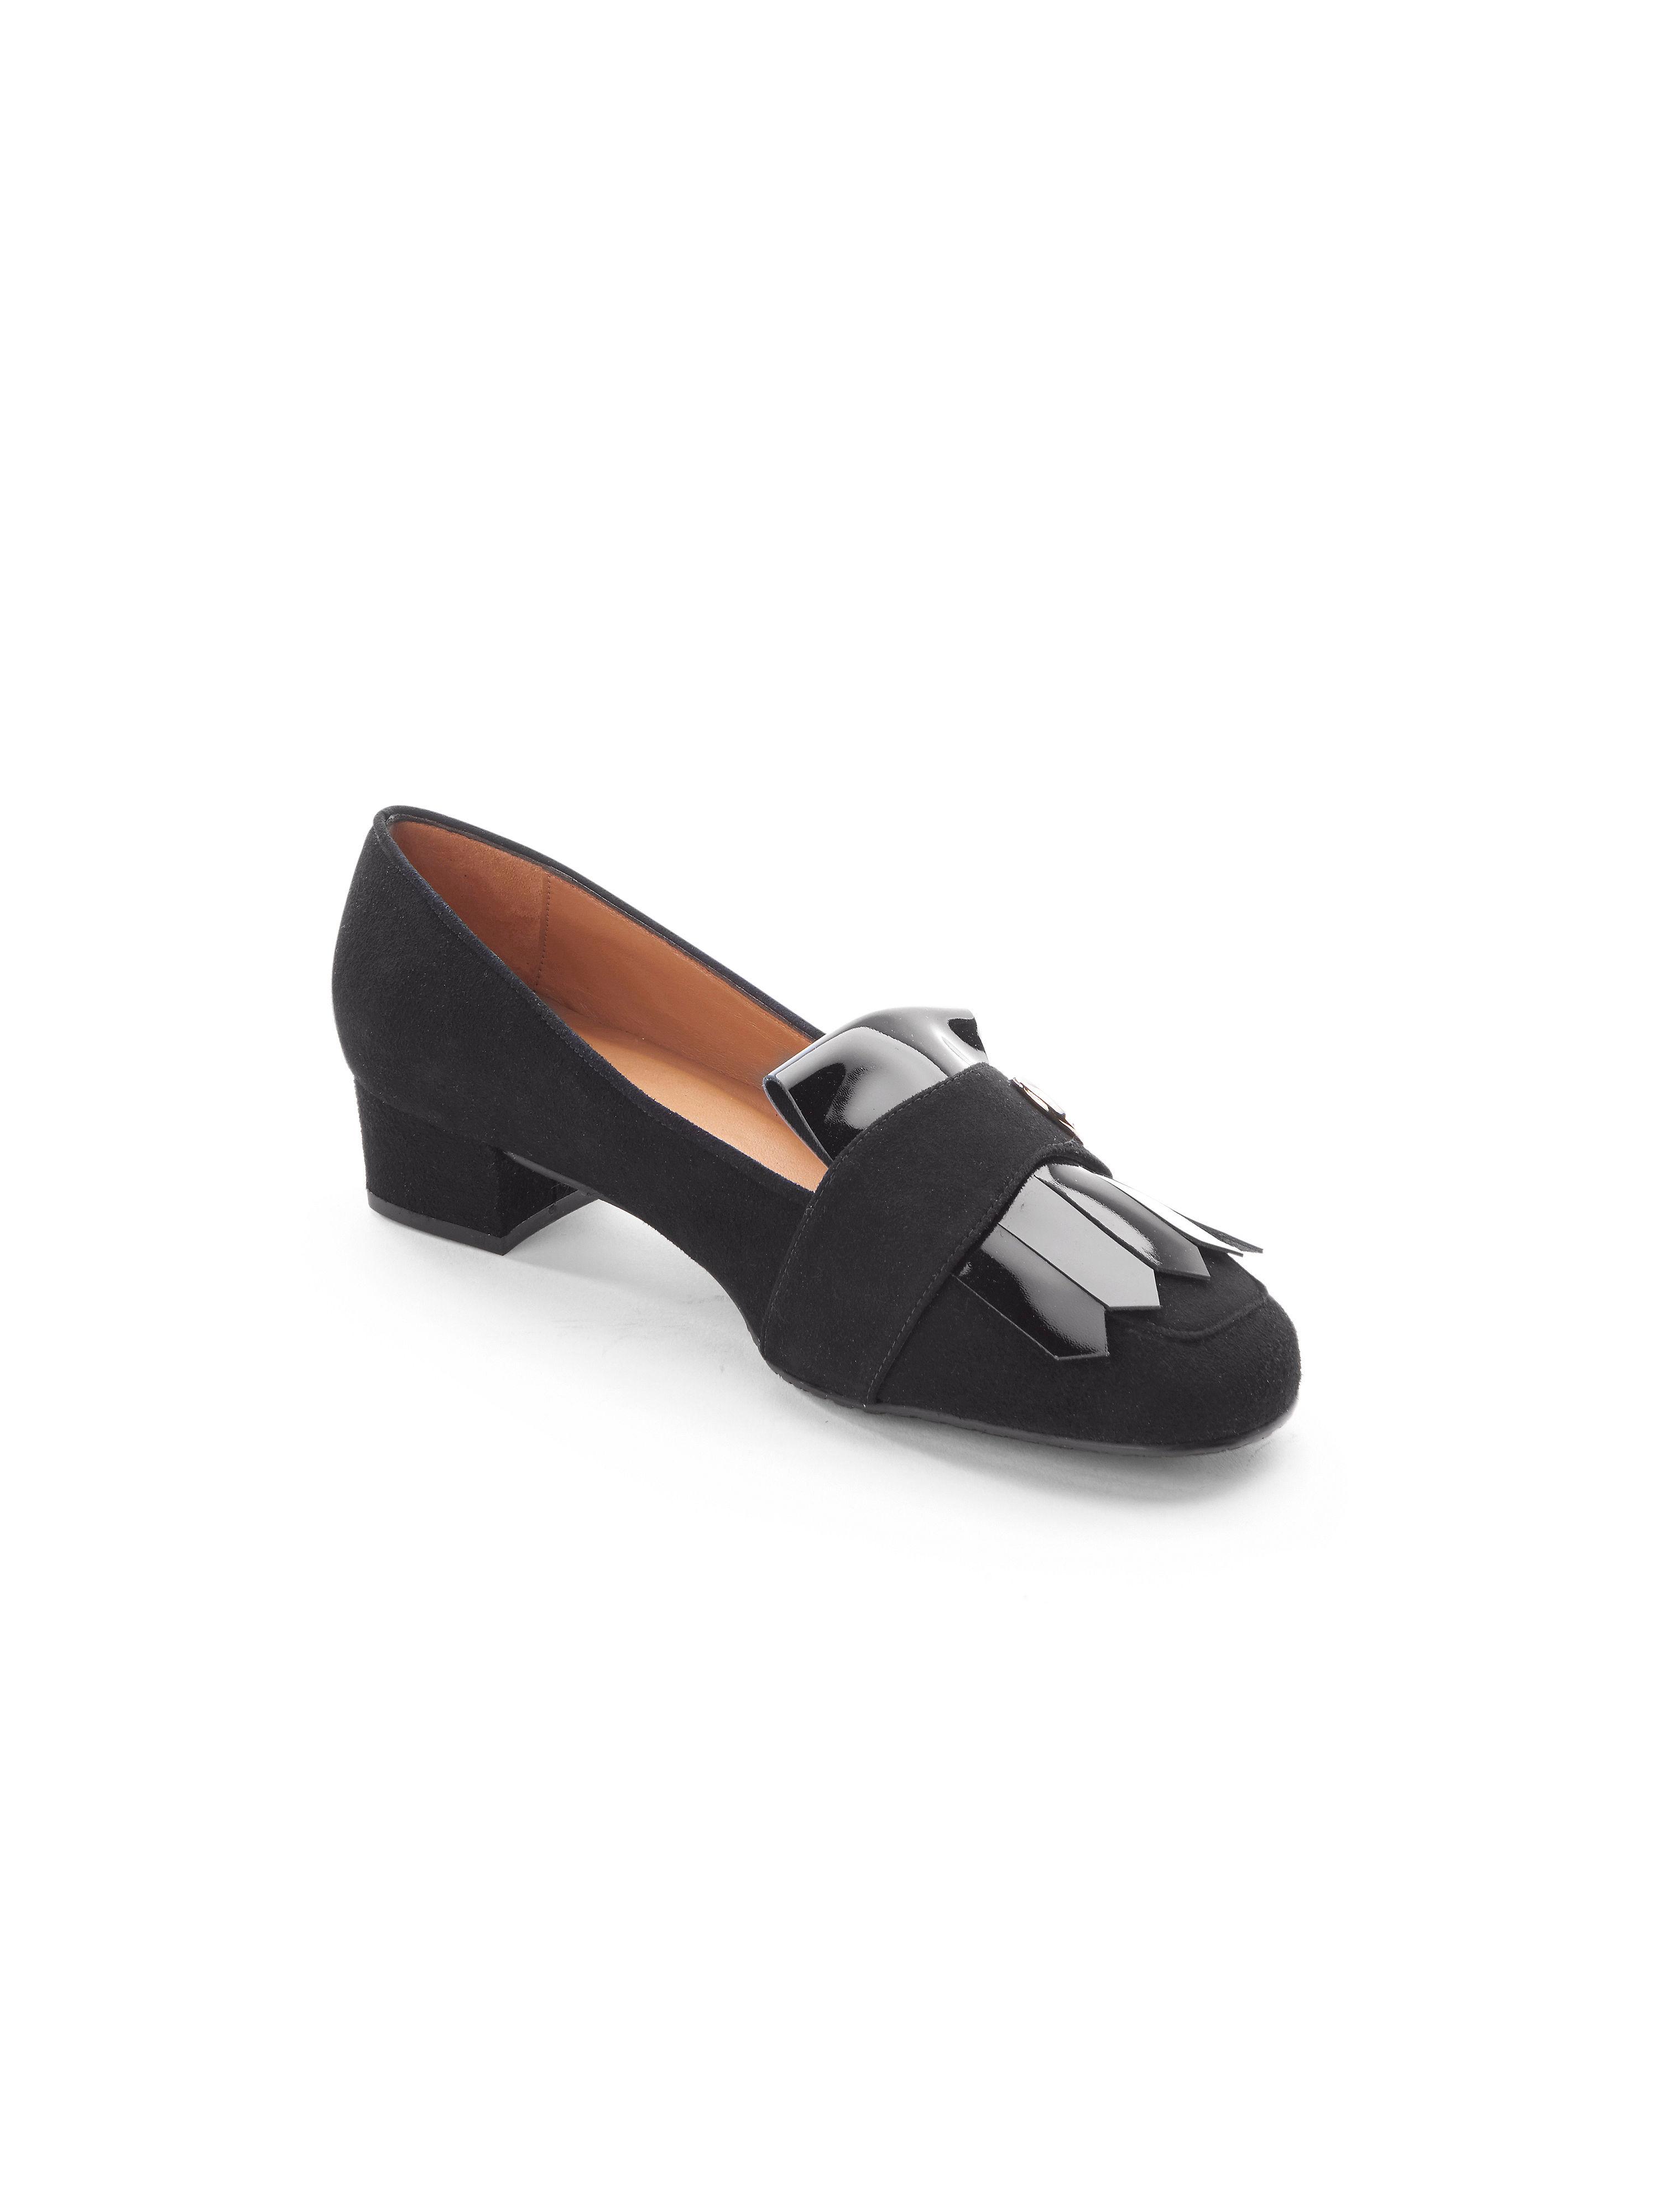 Peter Hahn - Ballerina - Schwarz Gute Qualität beliebte Schuhe